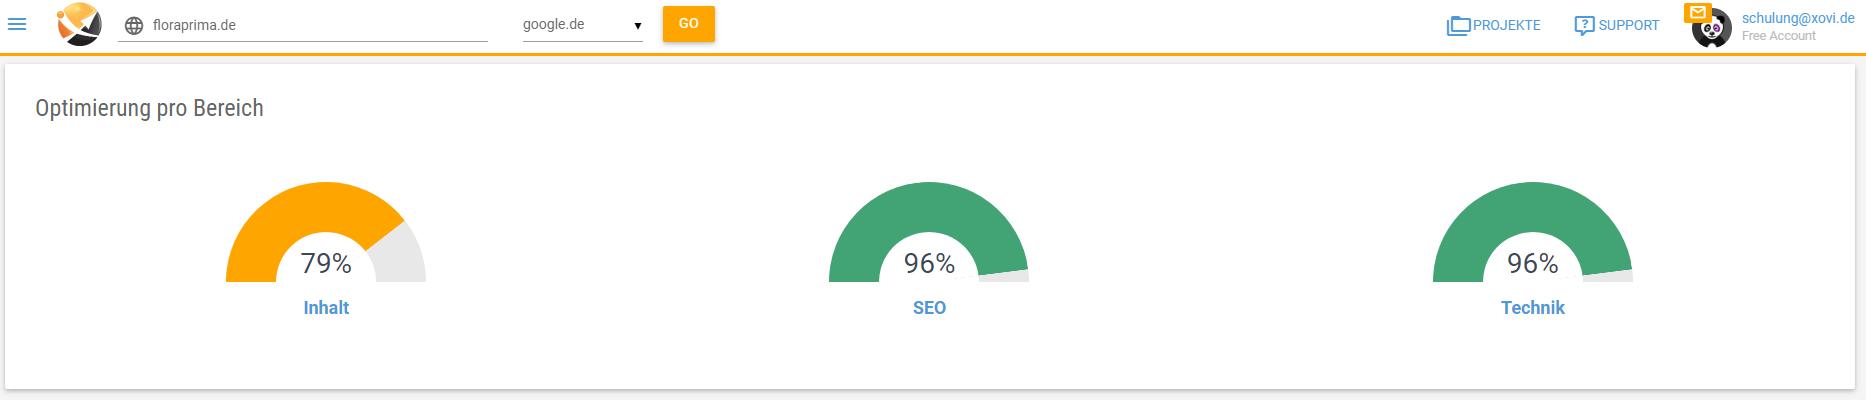 Screenshot des Onpage Bereichs der XOVI Suite mit den Ergebnissen einer Onpage Analyse für Inhalt, SEO und Technik